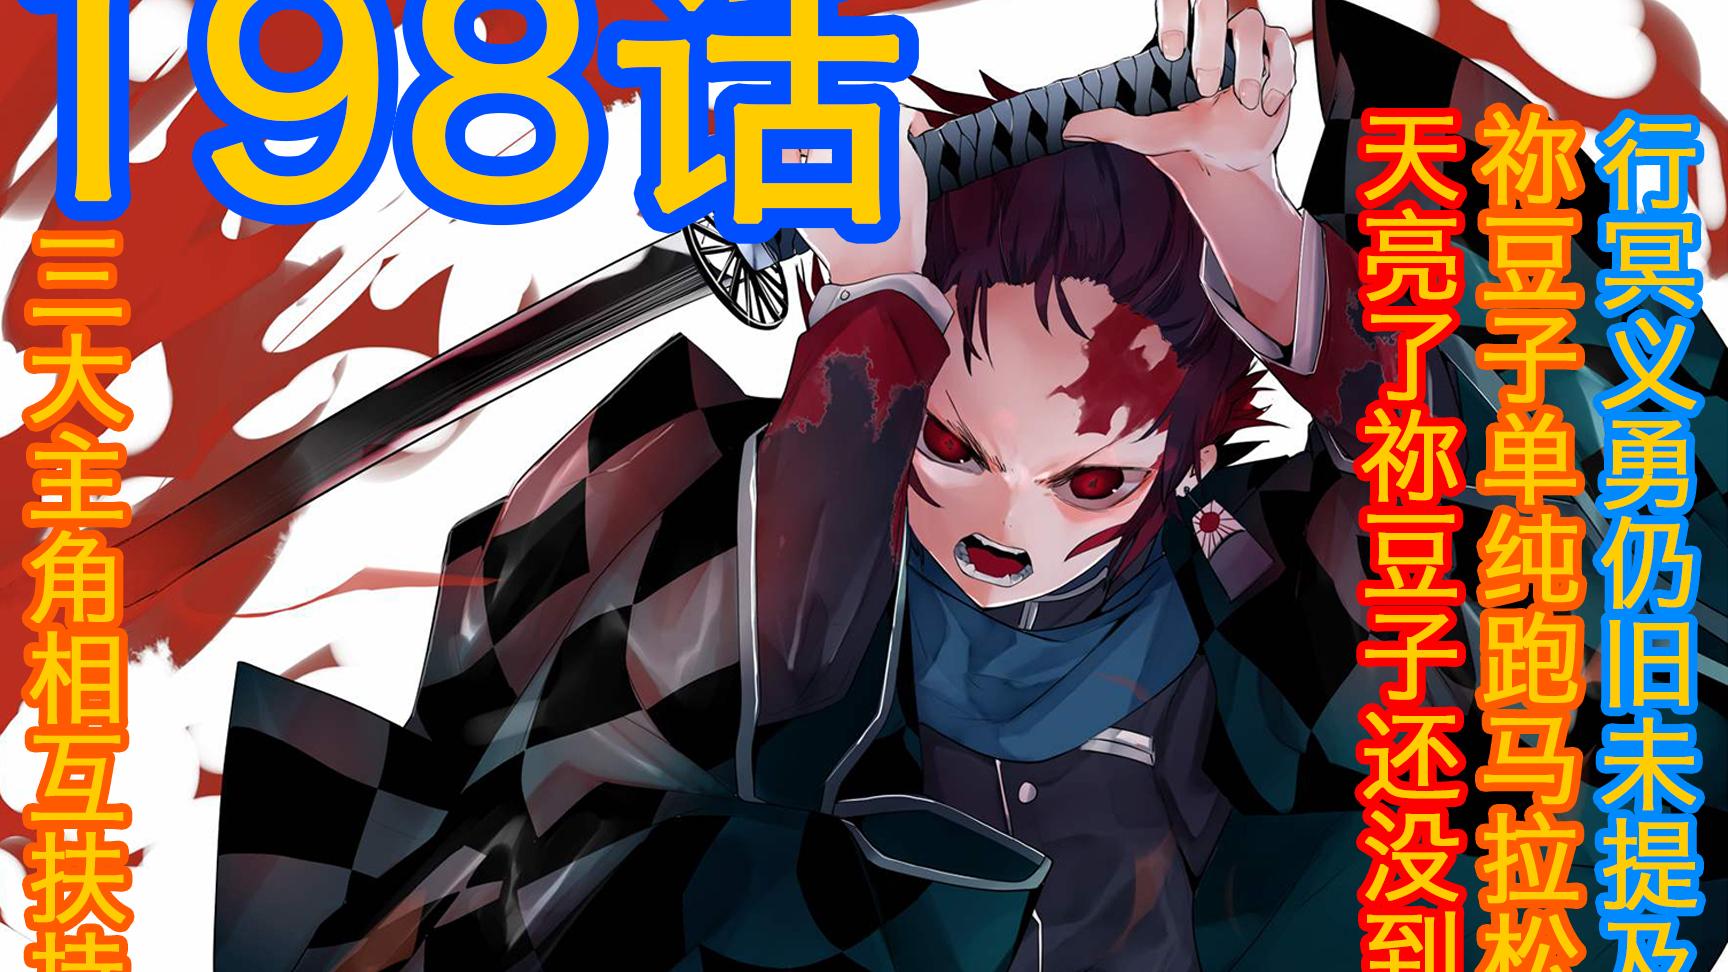 鬼灭之刃198话纯漫画:真奇葩,难道祢豆子只是单纯跑了个马拉松?三大主角联手激战!